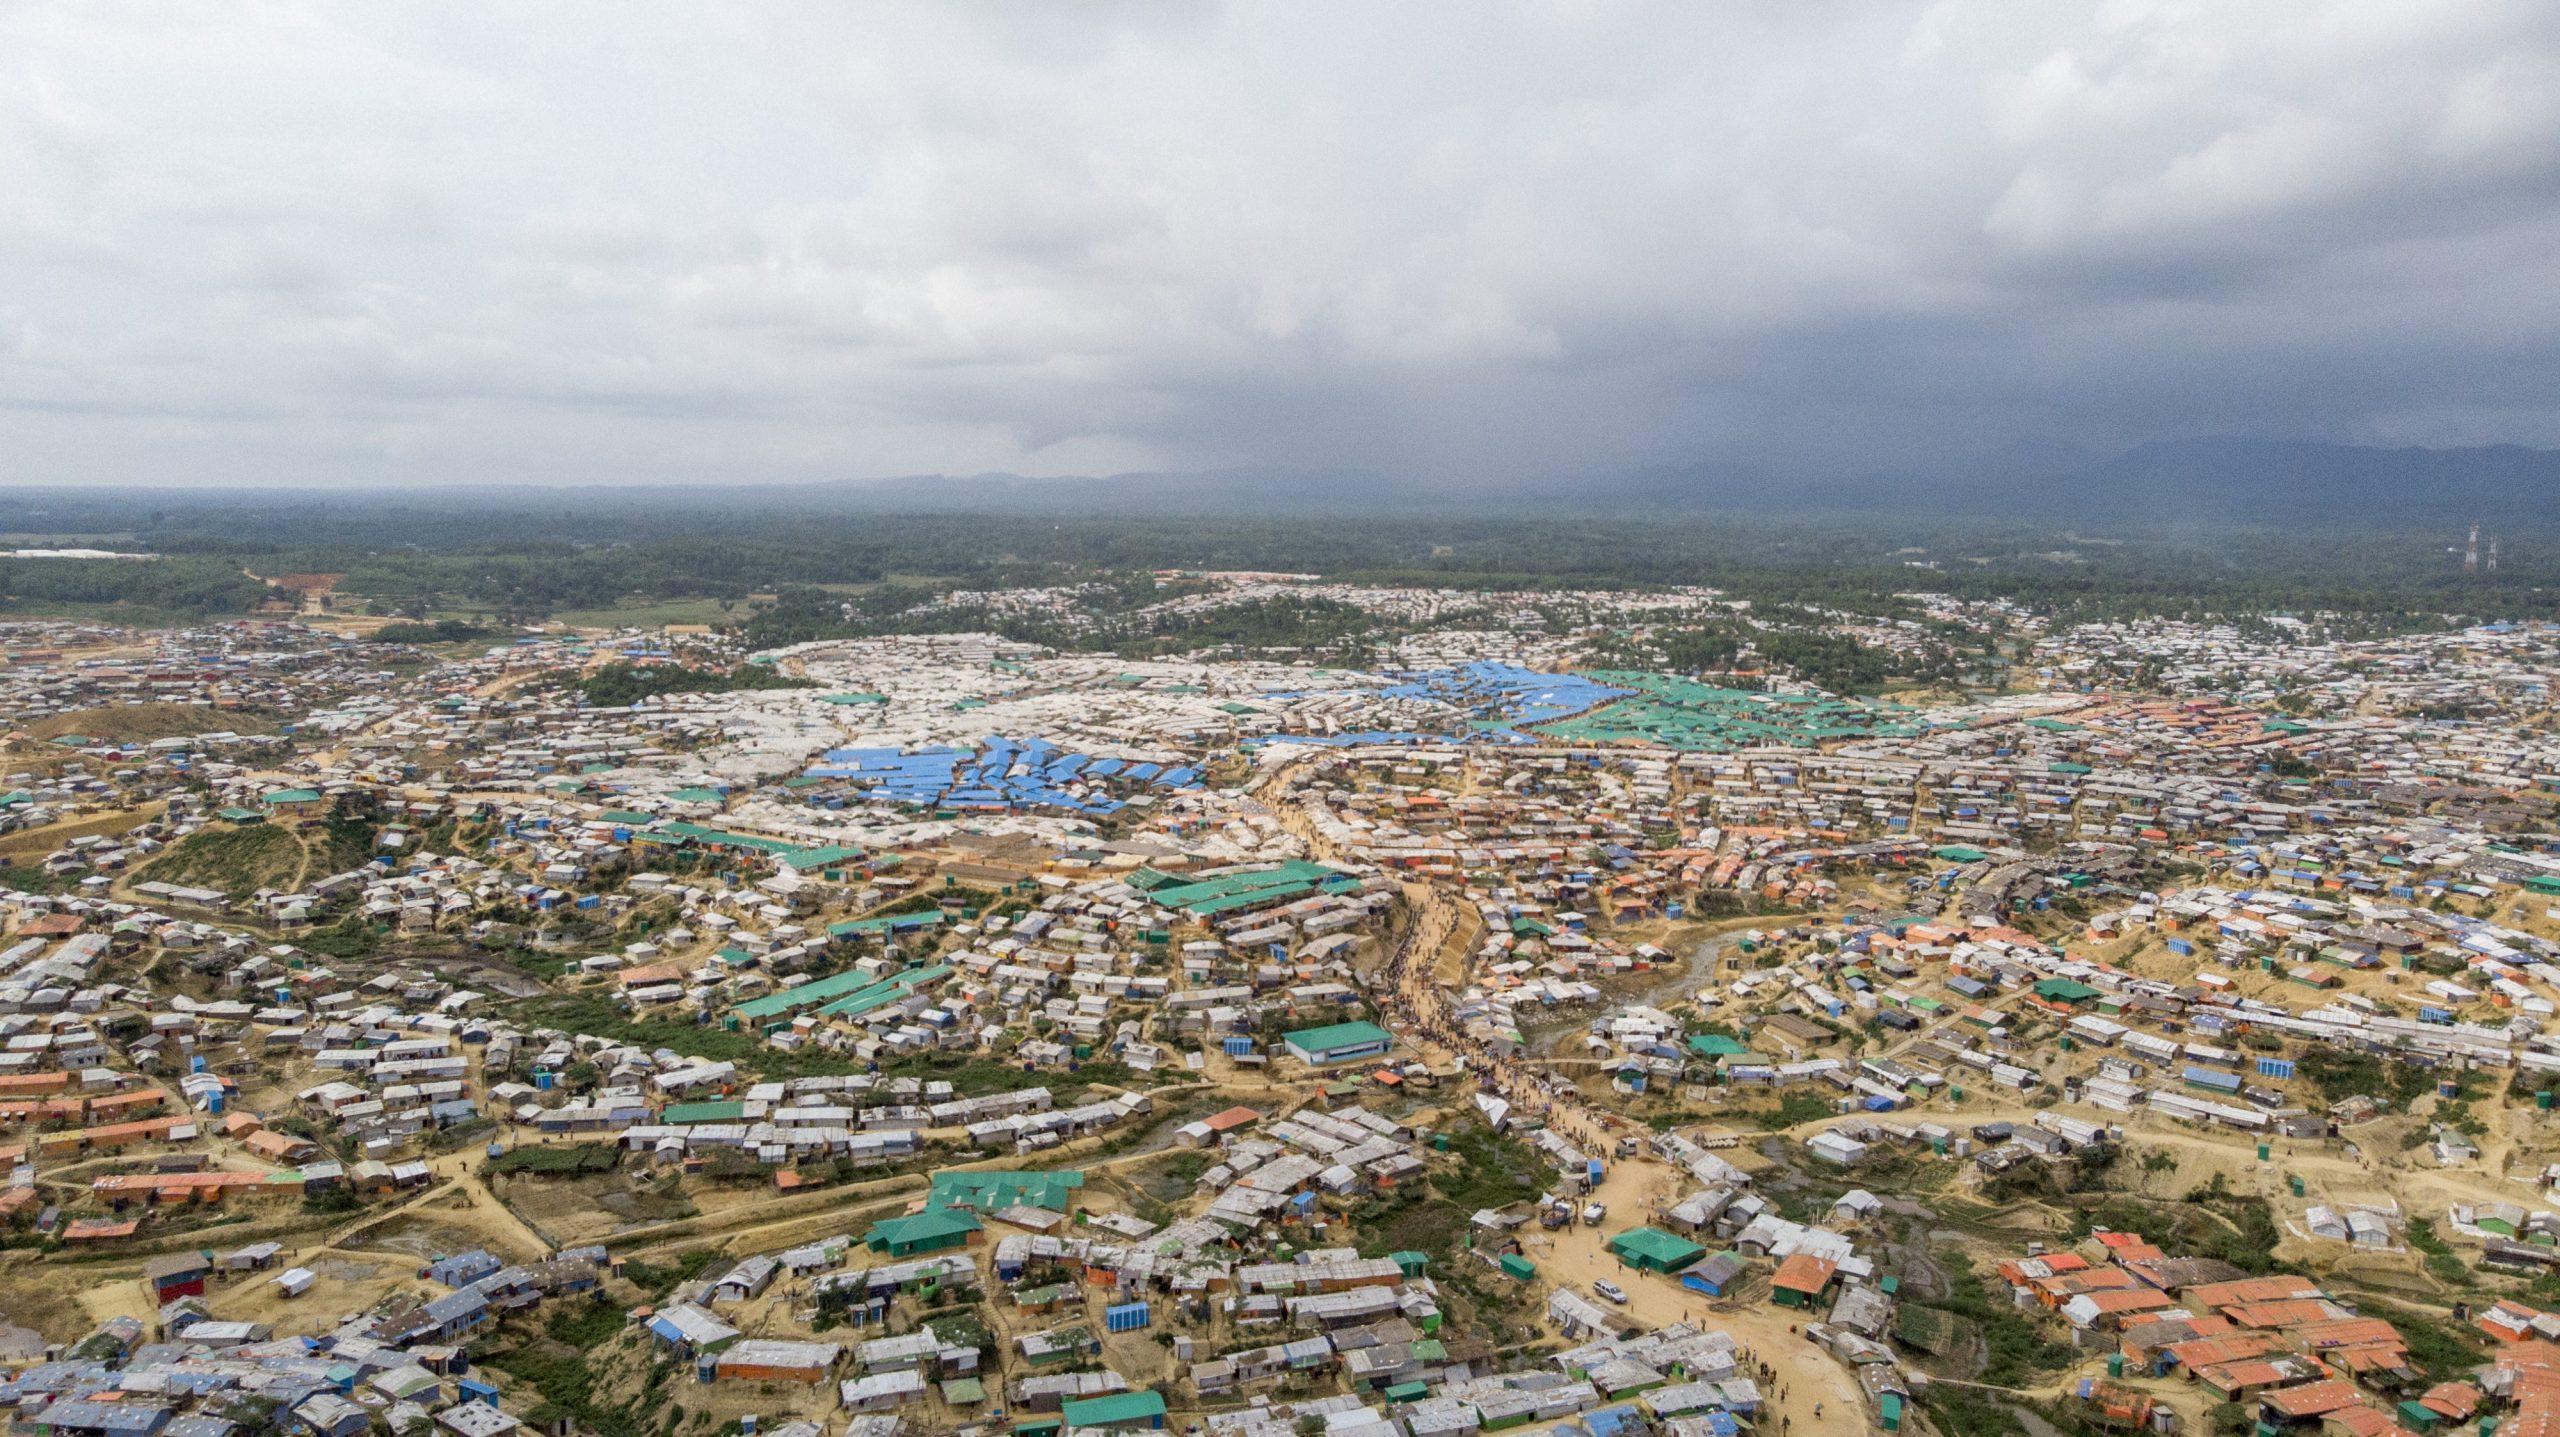 বিশ্বের সবচেয়ে বড় আশ্রয়শিবির কক্সবাজারের কুতুপালং